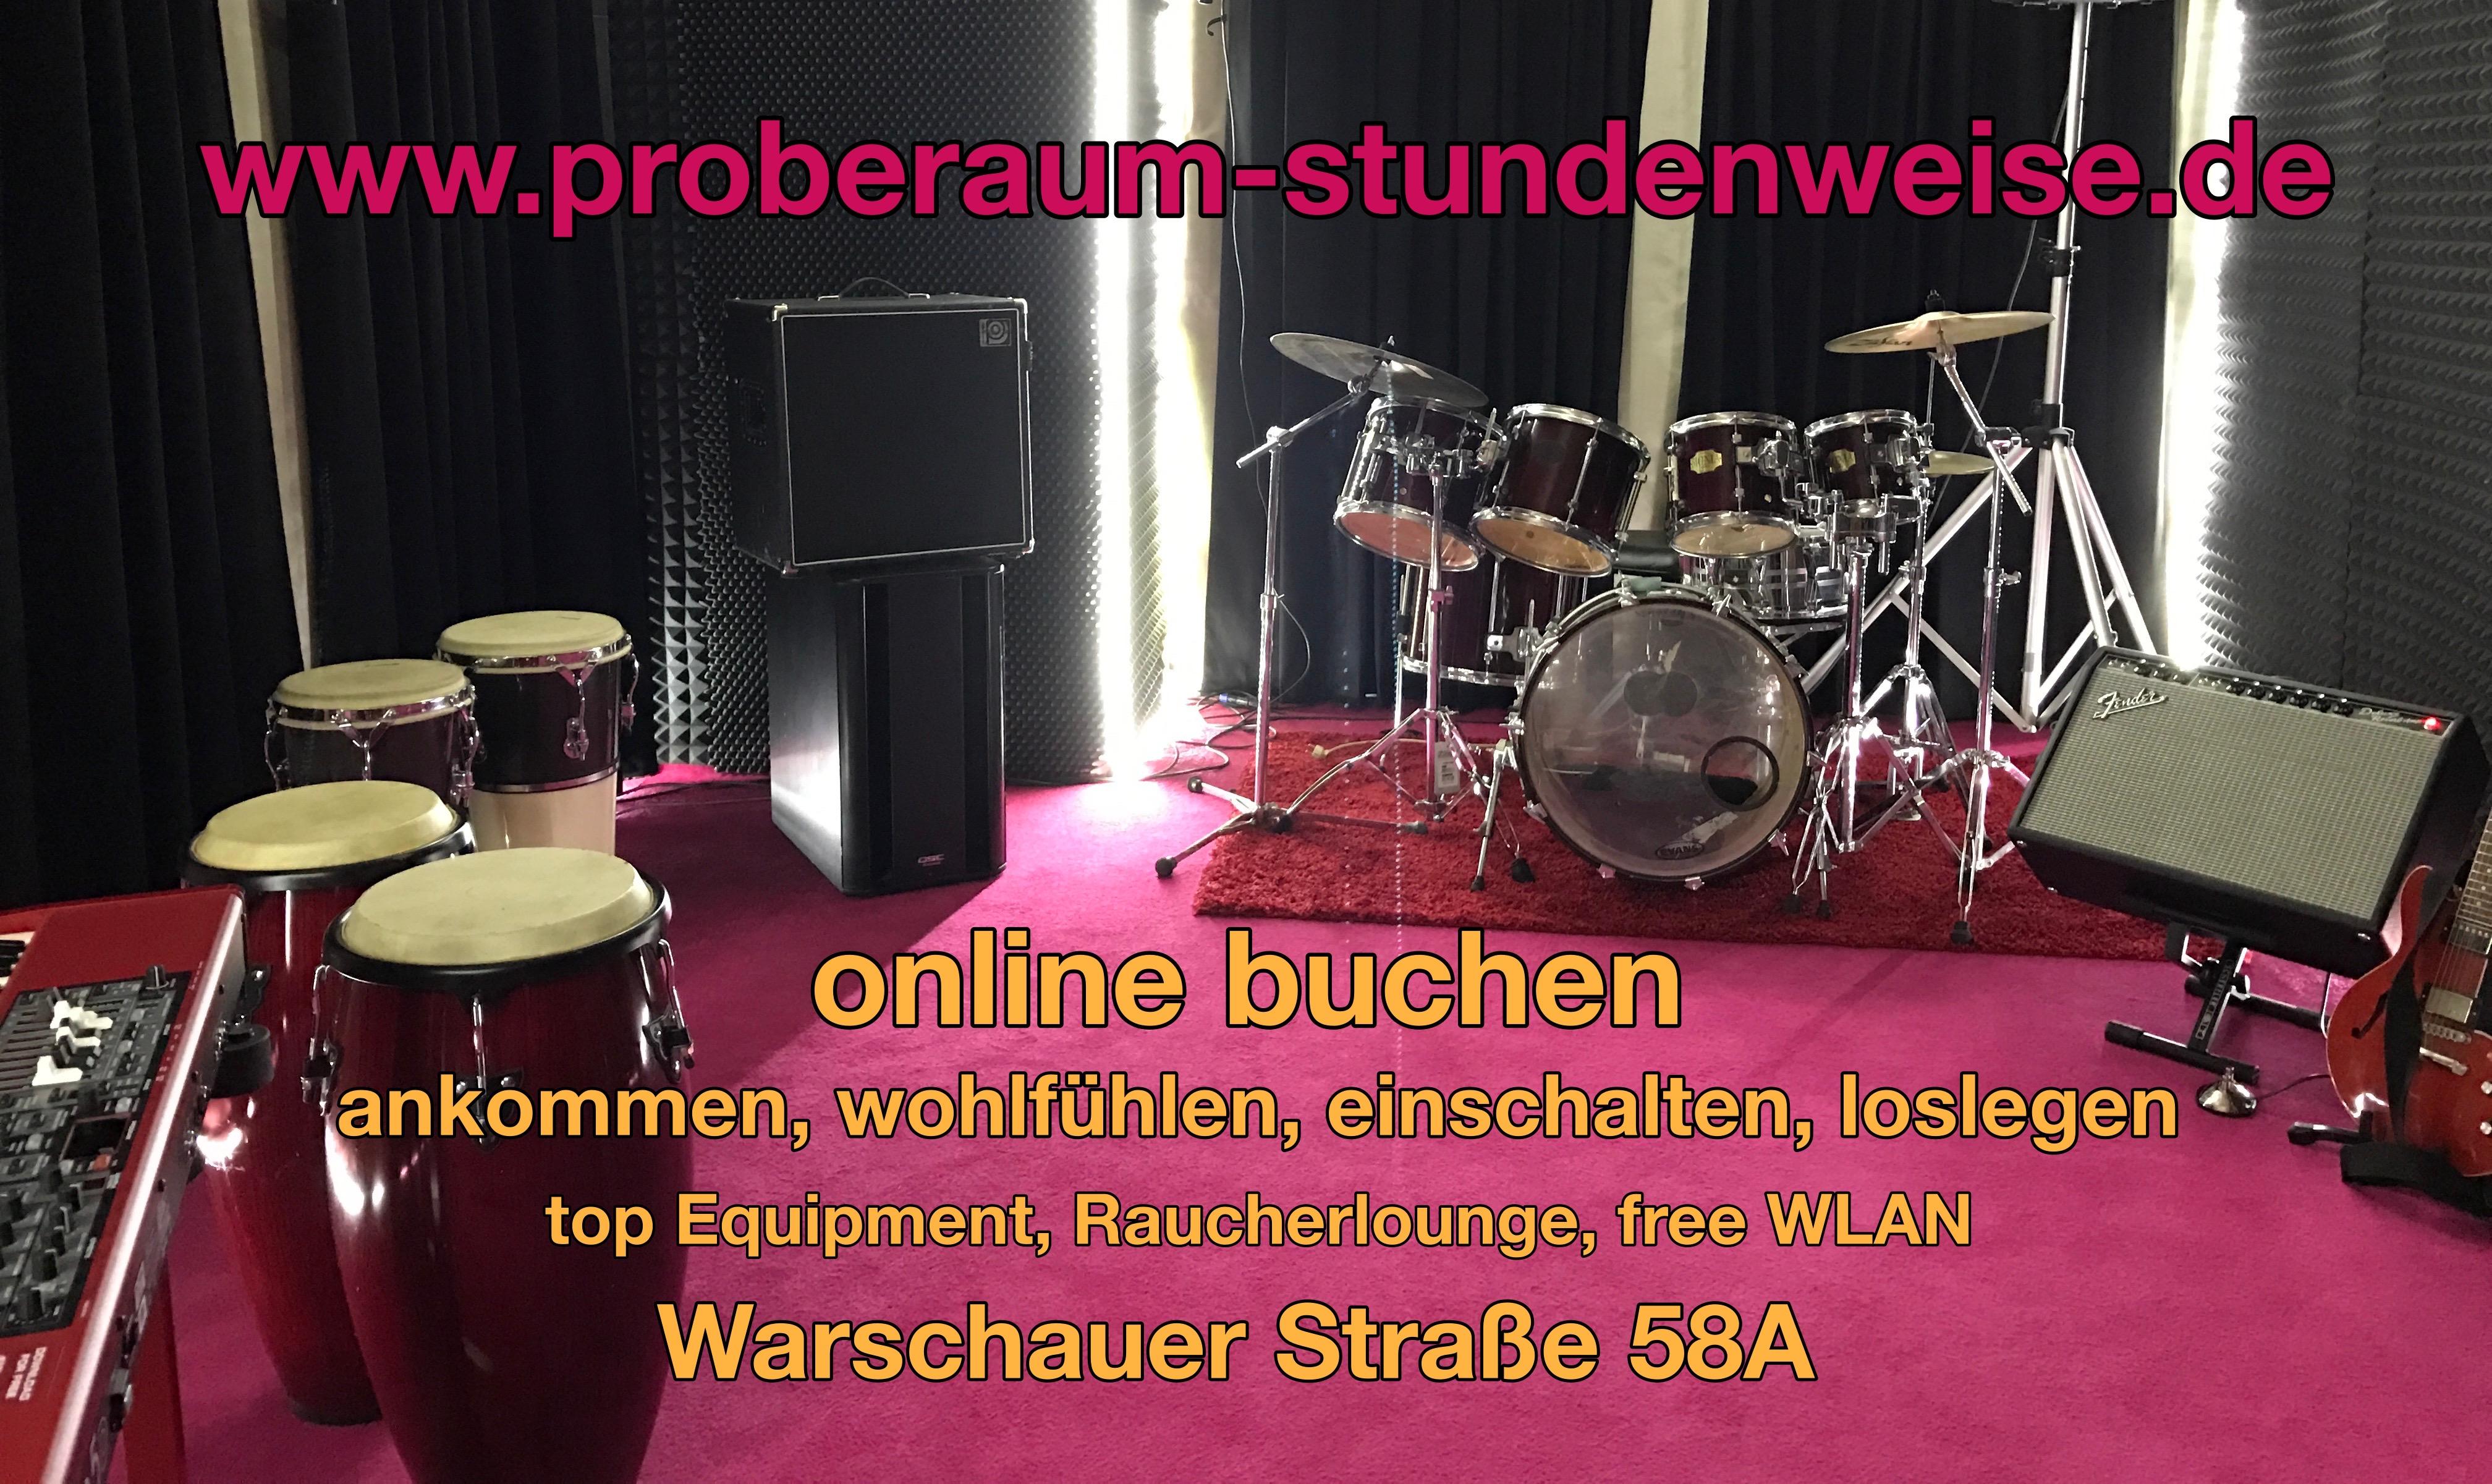 unterhaltung k nste in berlin 141 160 ergebnisse von infobel deutschland. Black Bedroom Furniture Sets. Home Design Ideas